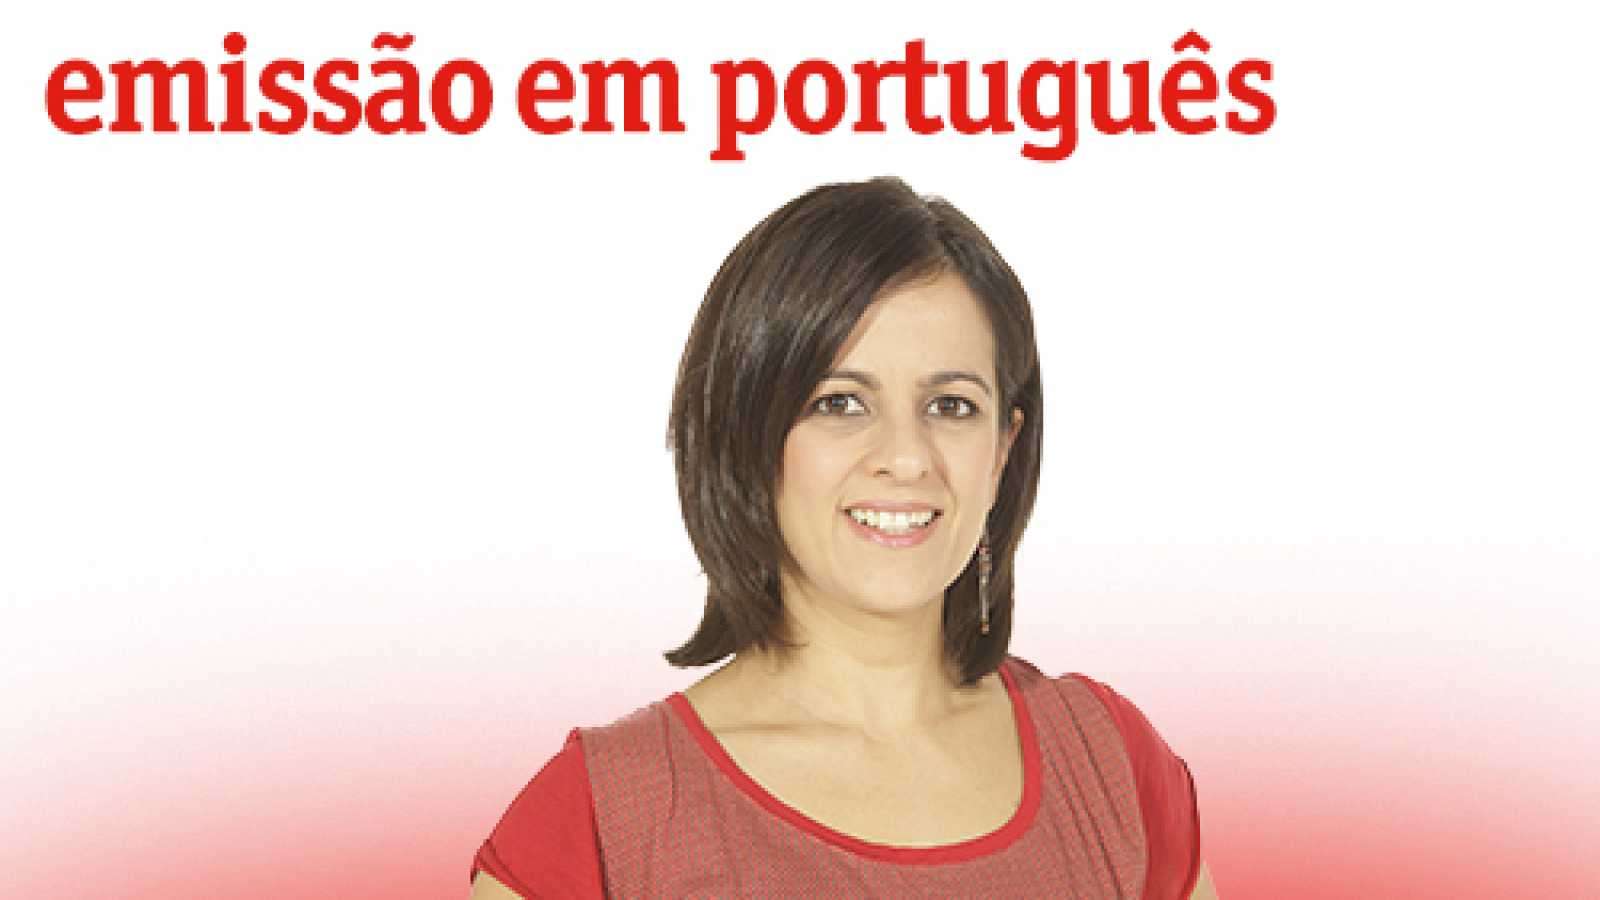 Emissão em português - Eric Nepomuceno e Ediciones Ambulantes lançam 'Bangladesh, tal vez' - 25/04/17 - escuchar ahora